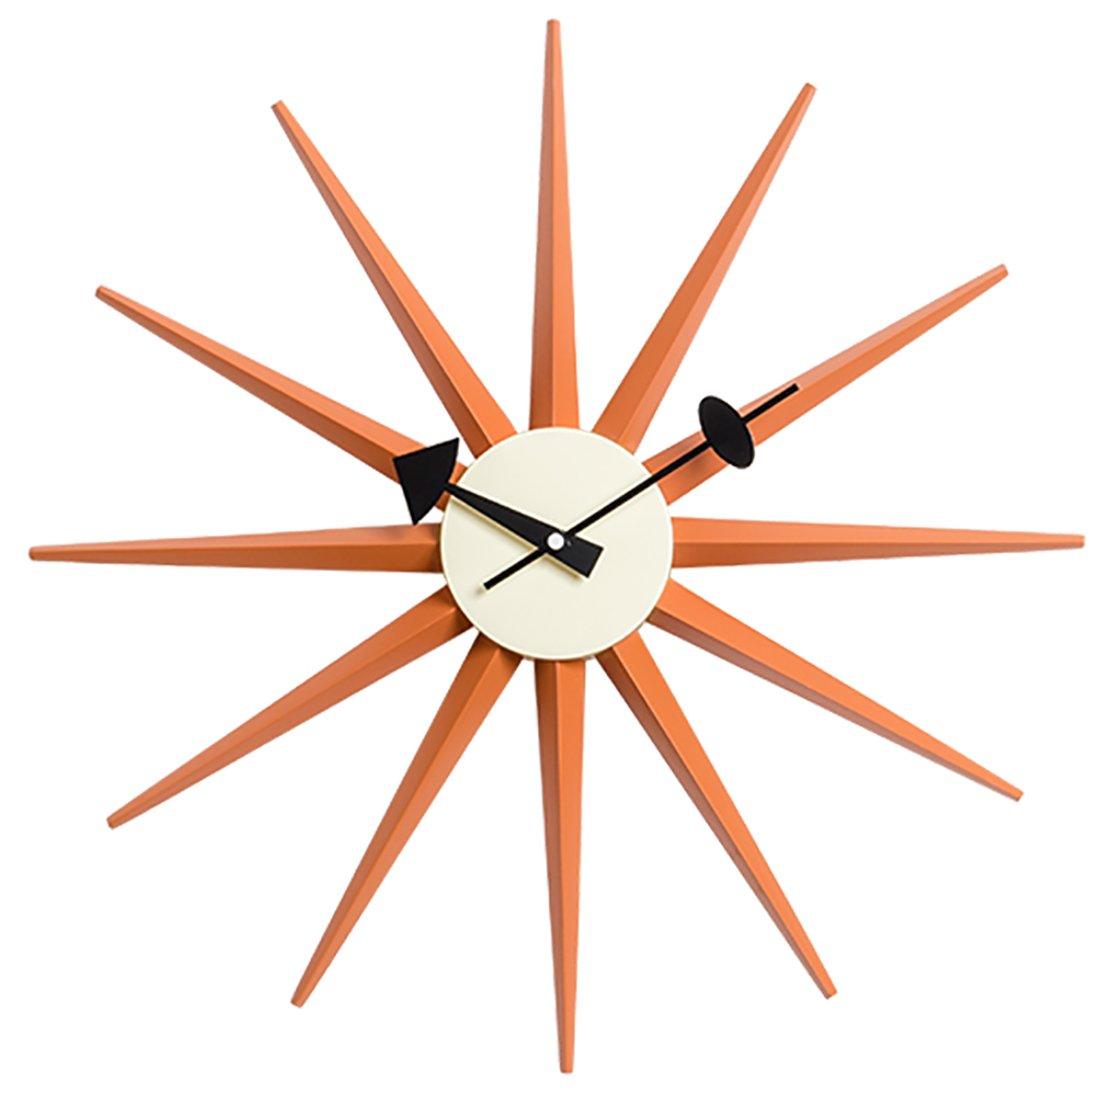 サンバーストクロック オレンジ ジョージ ネルソン デザイナー壁時計 (オレンジ) B074P6KPMQオレンジ